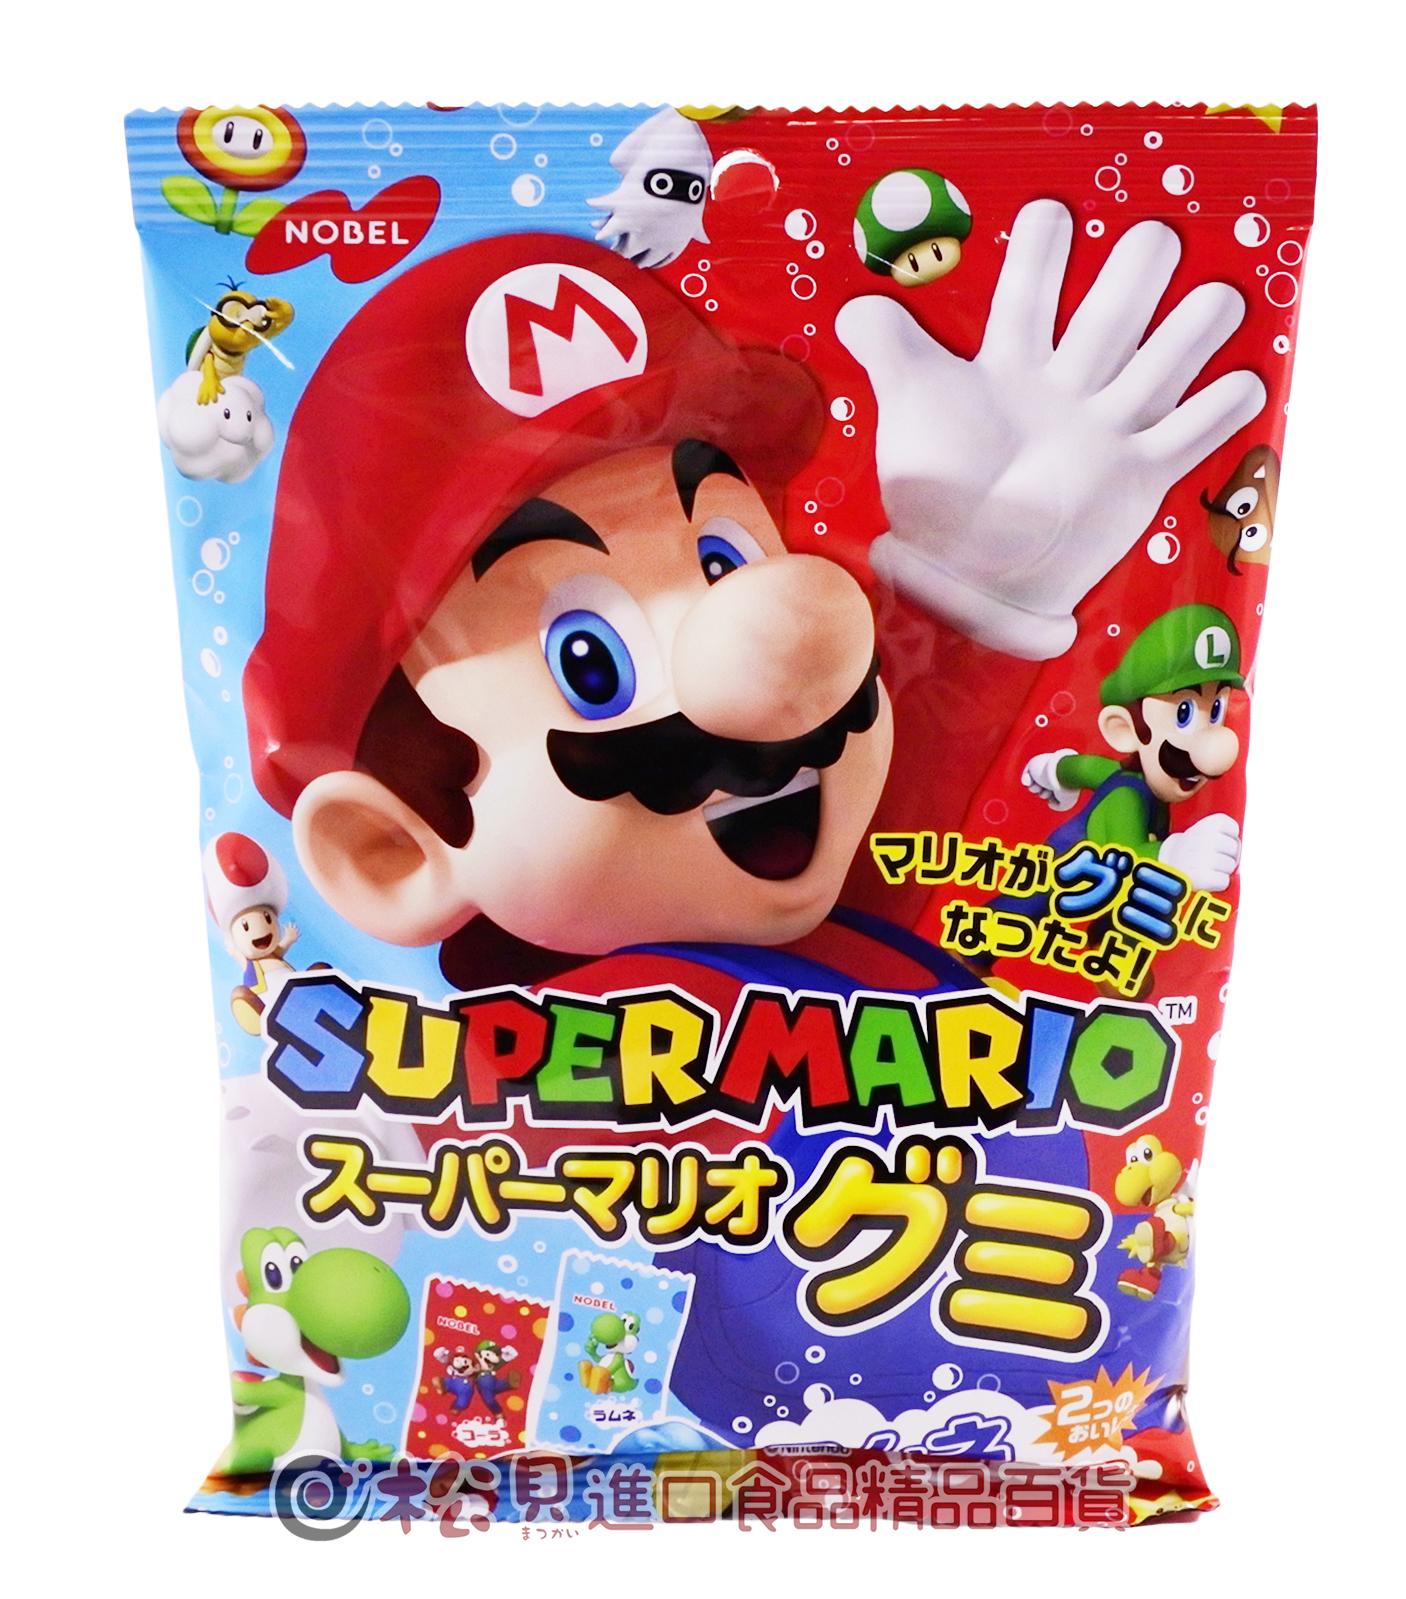 諾貝爾超級瑪利可樂汽水軟糖90g【4902124681201】